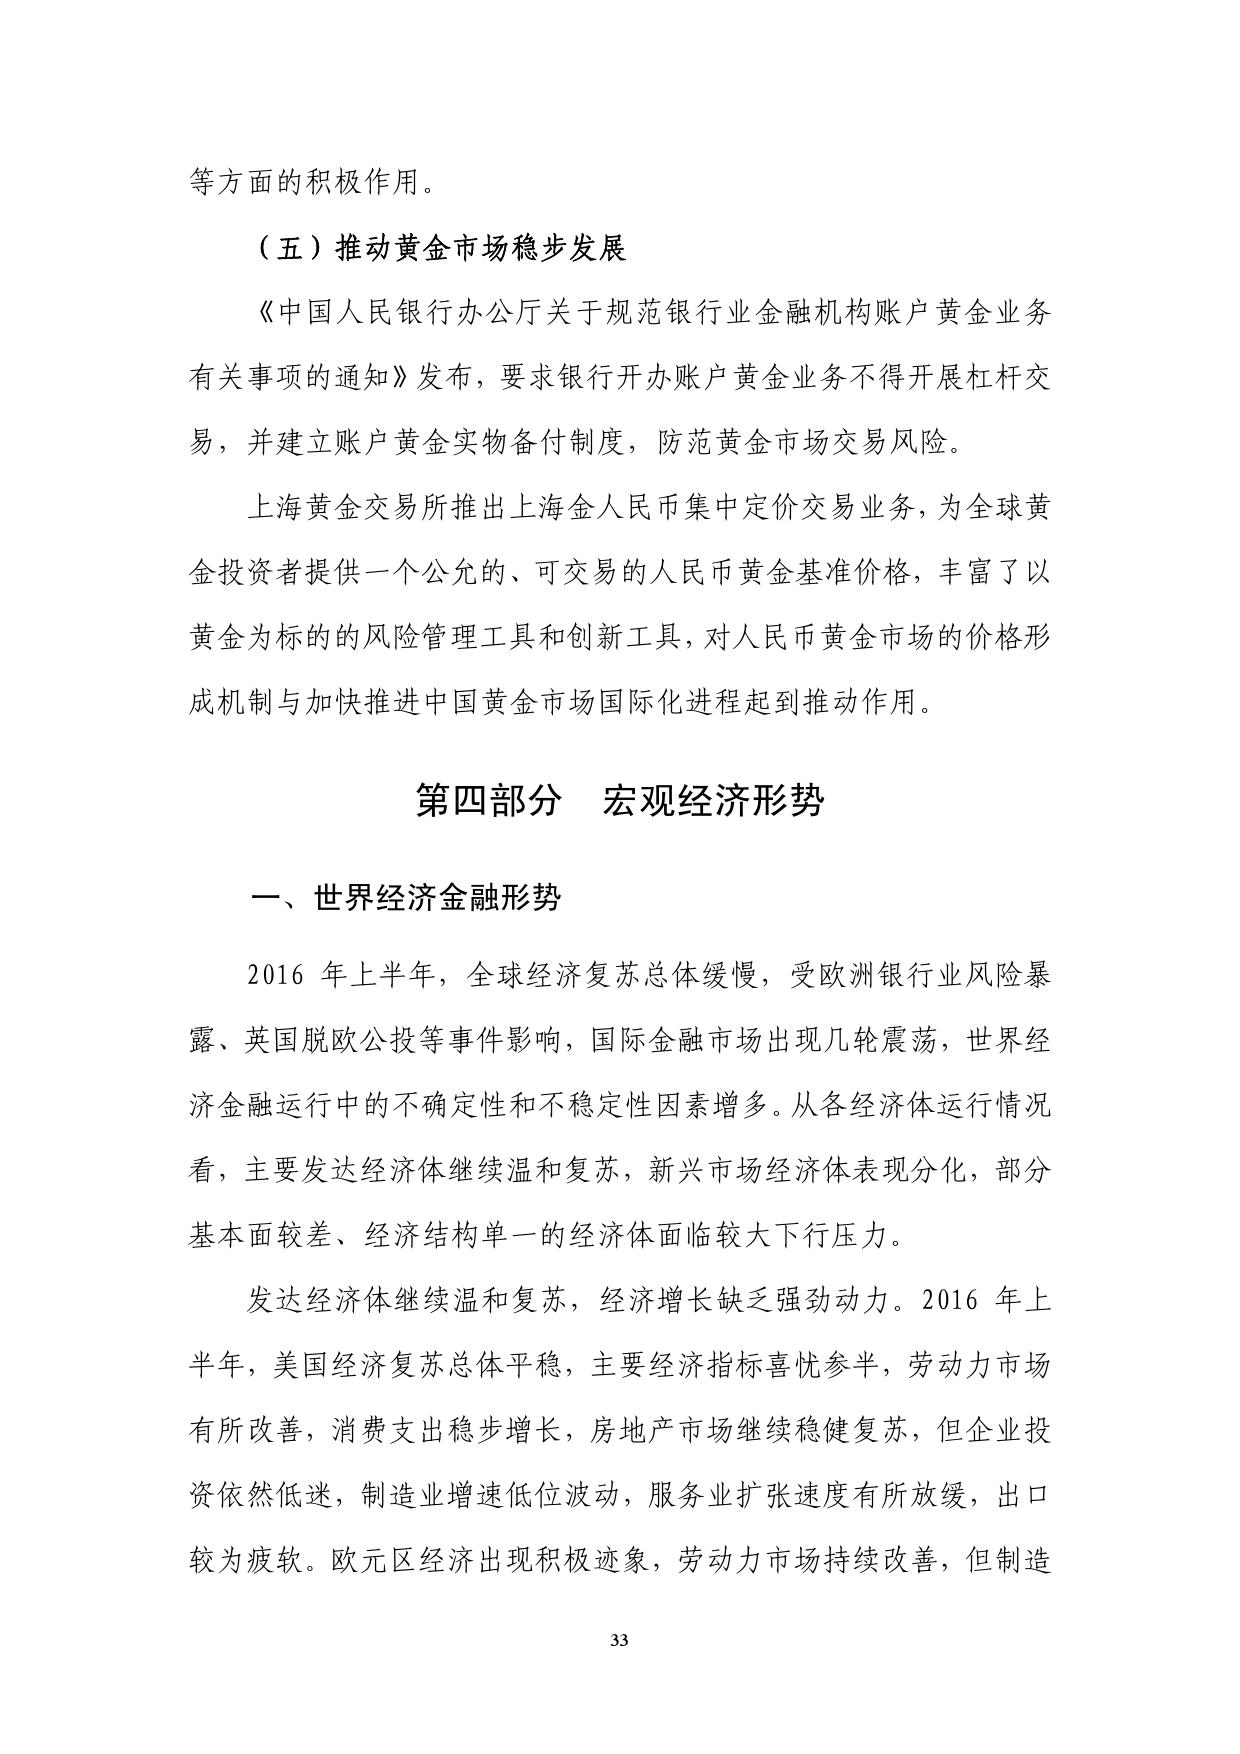 2016年Q2中国货币政策执行报告_000039